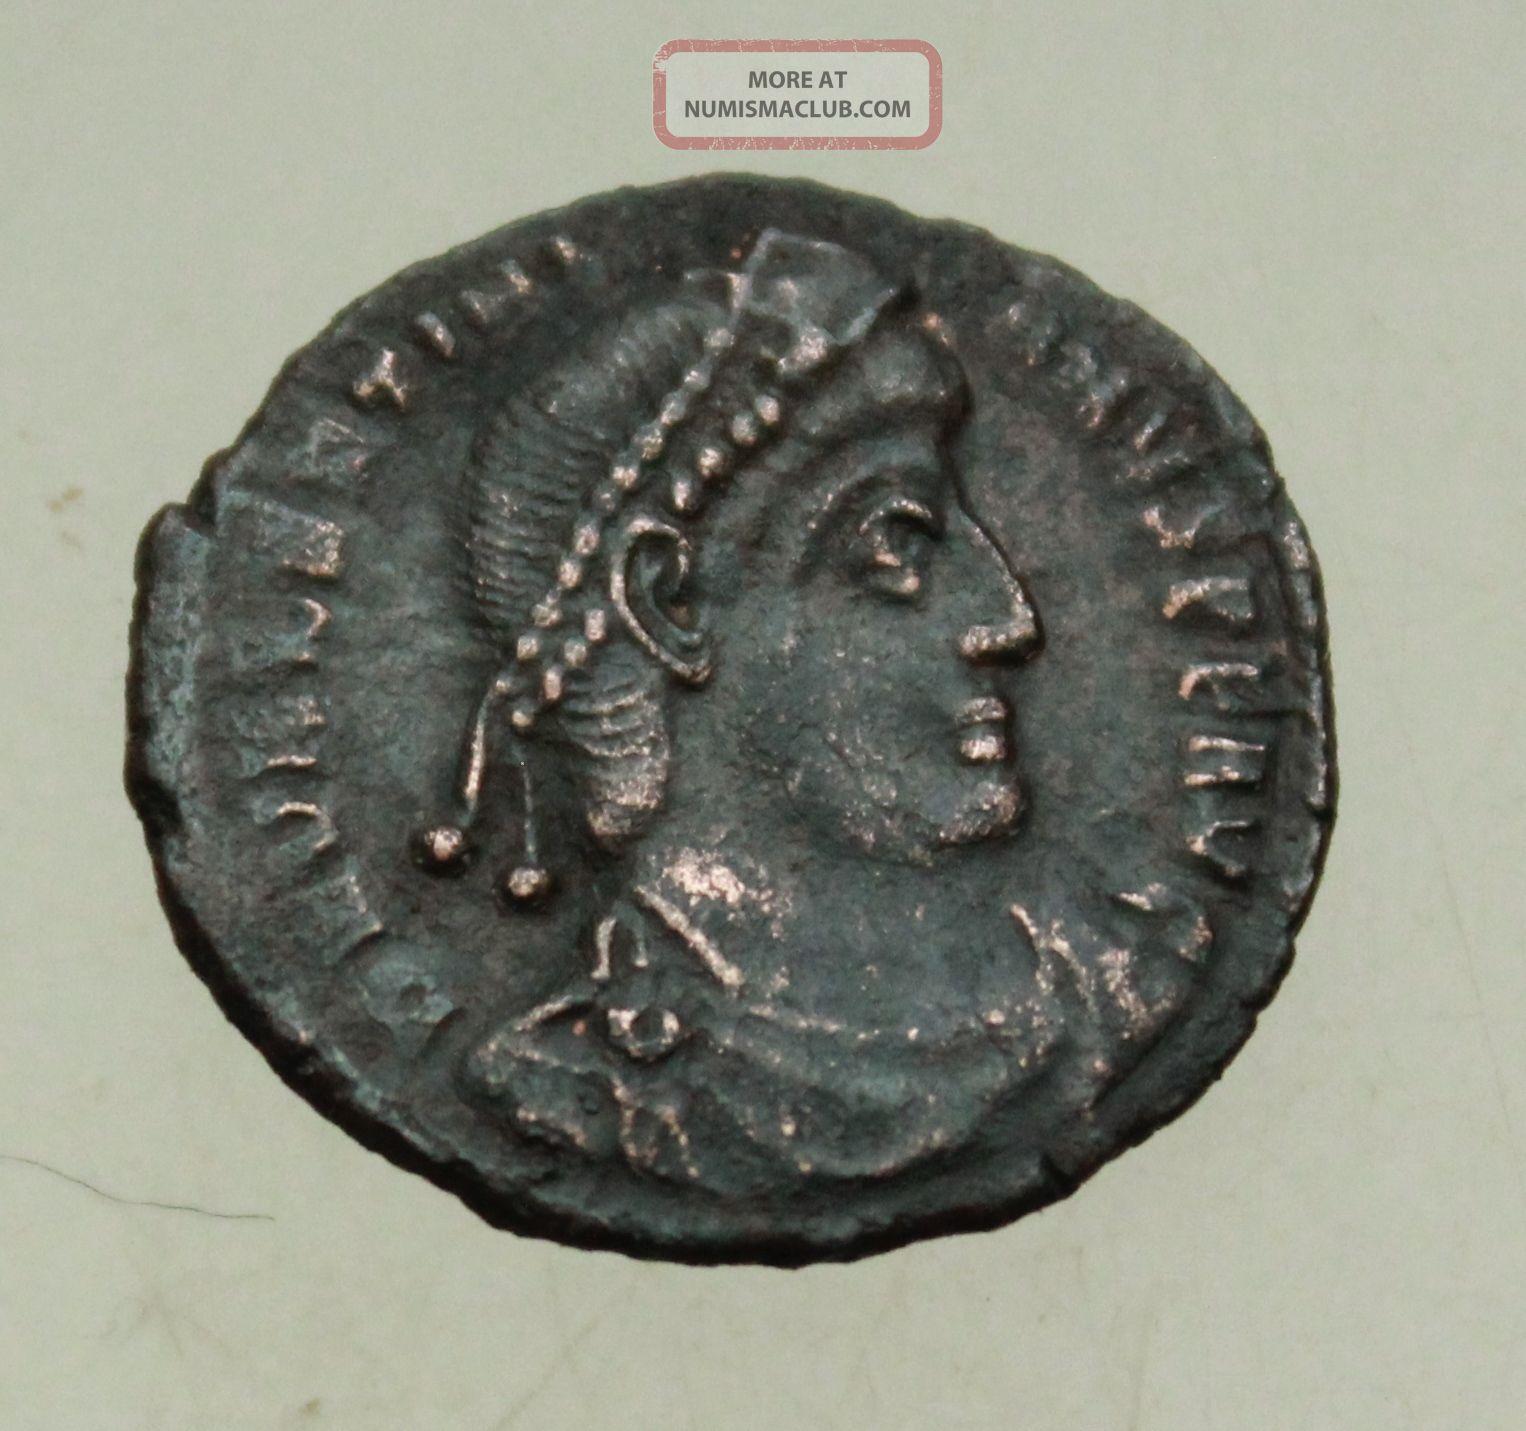 L6 Valentinianus I Ae Follis Gloria Romanorum Siscia Rare 2.  4g Tma Coins: Ancient photo